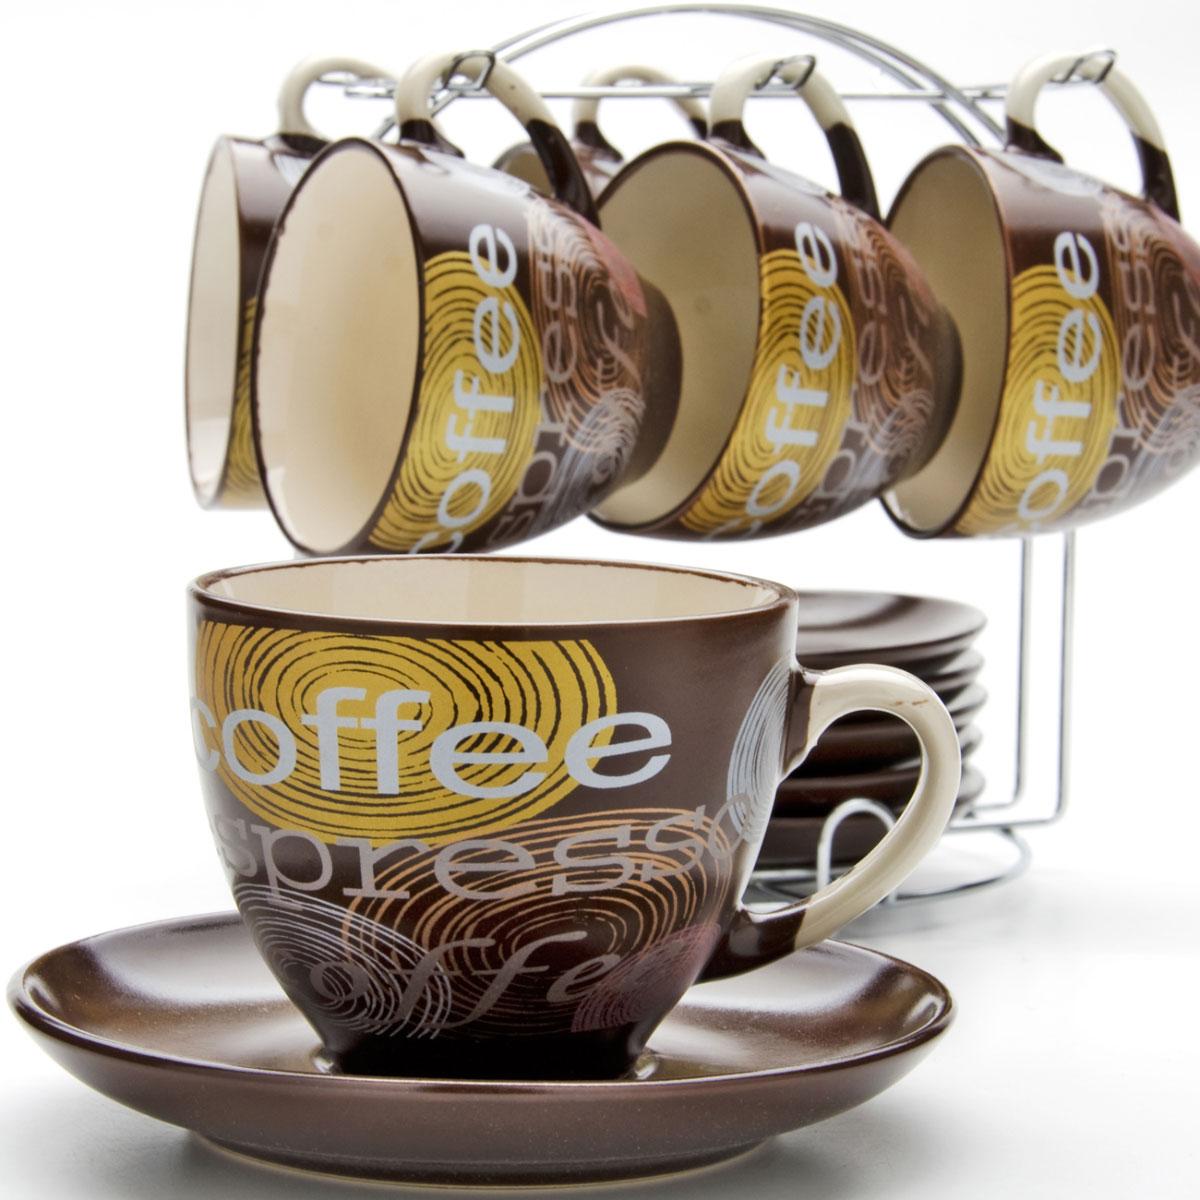 Набор чайный Mayer & Boch, на подставке, 13 предметов. 2353823538В набор входят шесть чашек и 6 блюдец, изготовленных из керамики. Также в набор входит металлическая подставка. Чашки можно использовать для подогрева напитков в микроволновой печи и мыть в посудомоечной машине.Объем чашки: 220 мл.